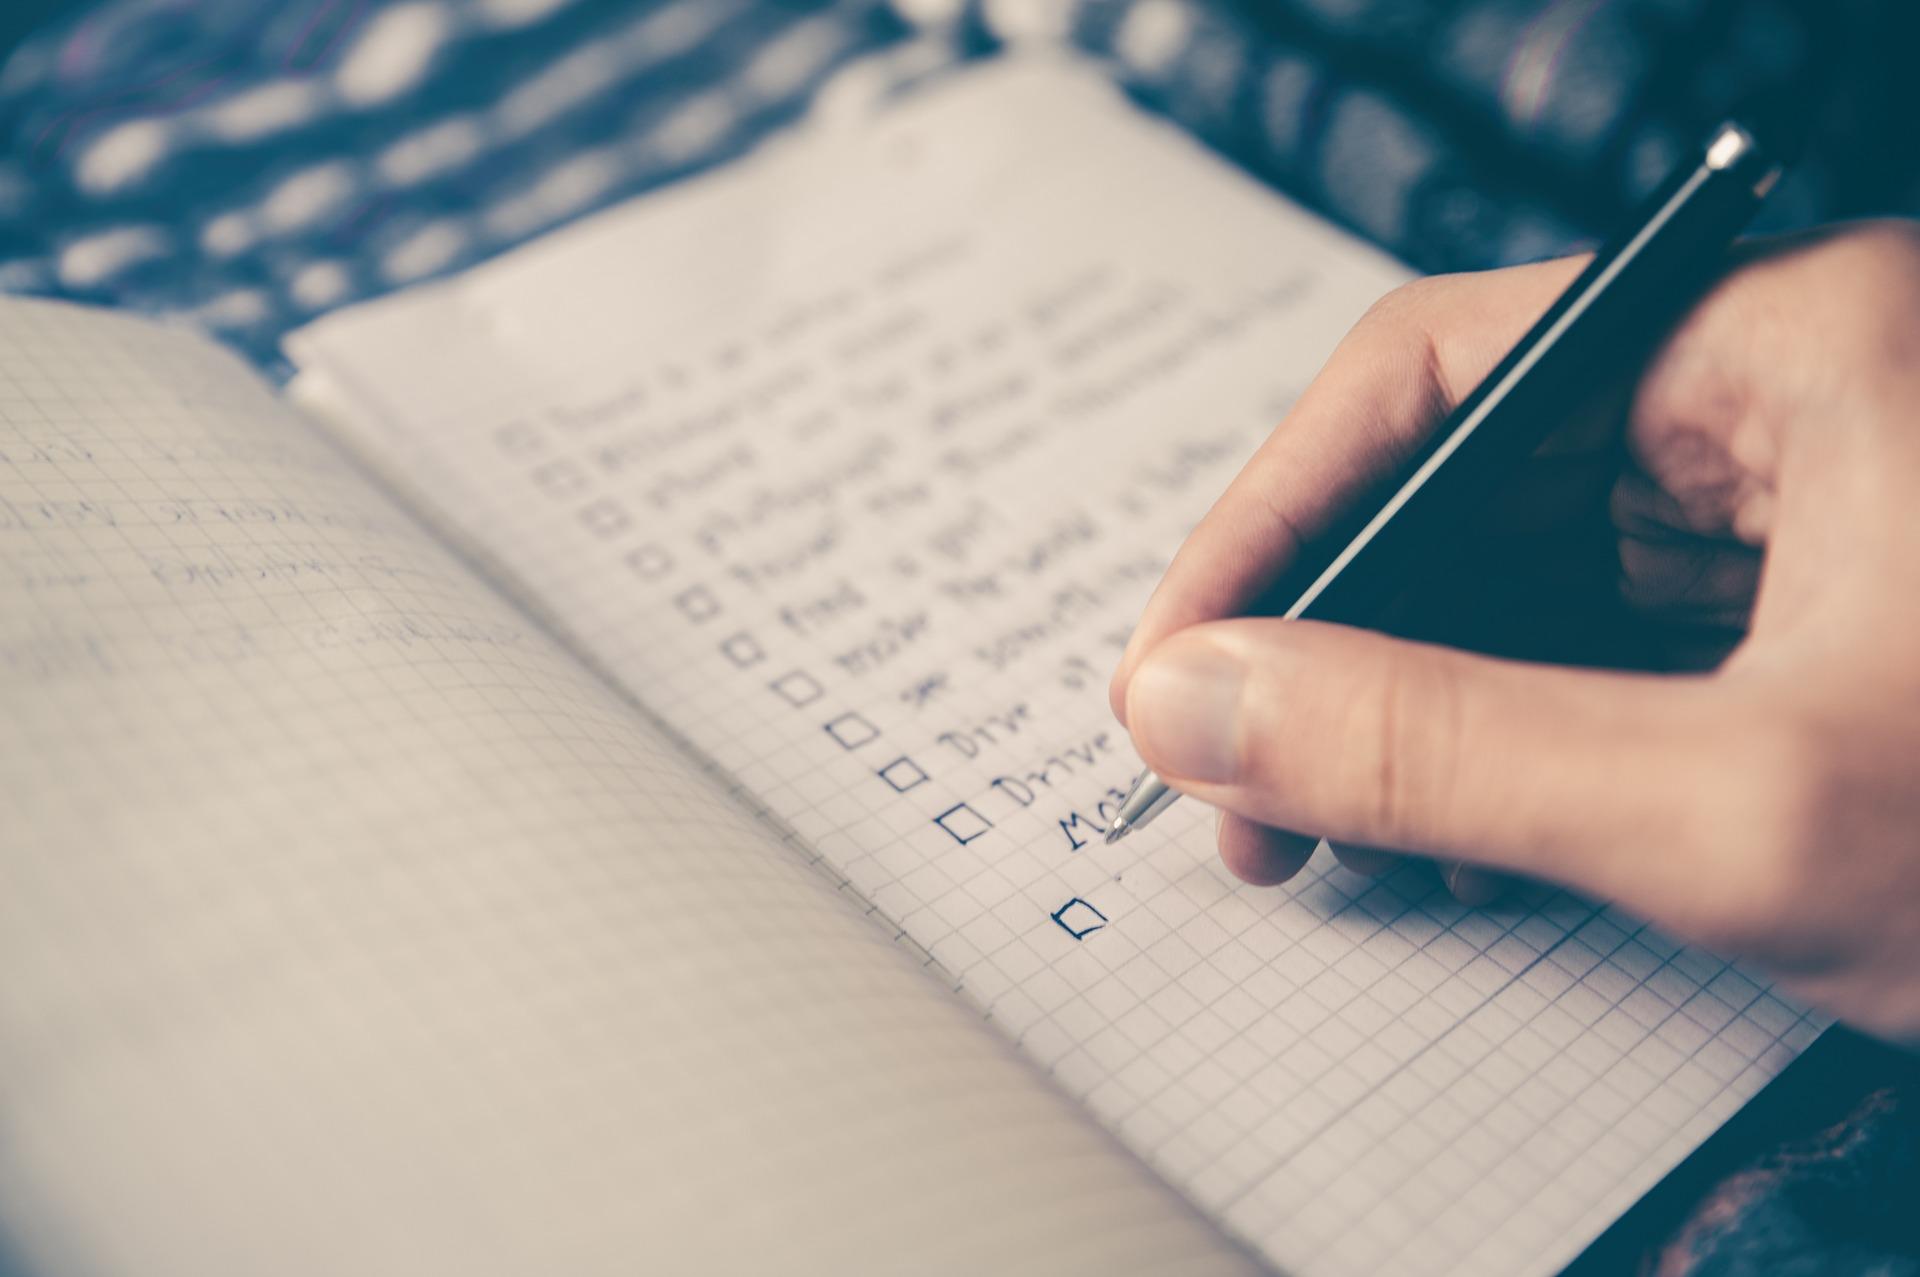 Шест Едноставни Совети за Поставување и Постигнување на Вашите Цели